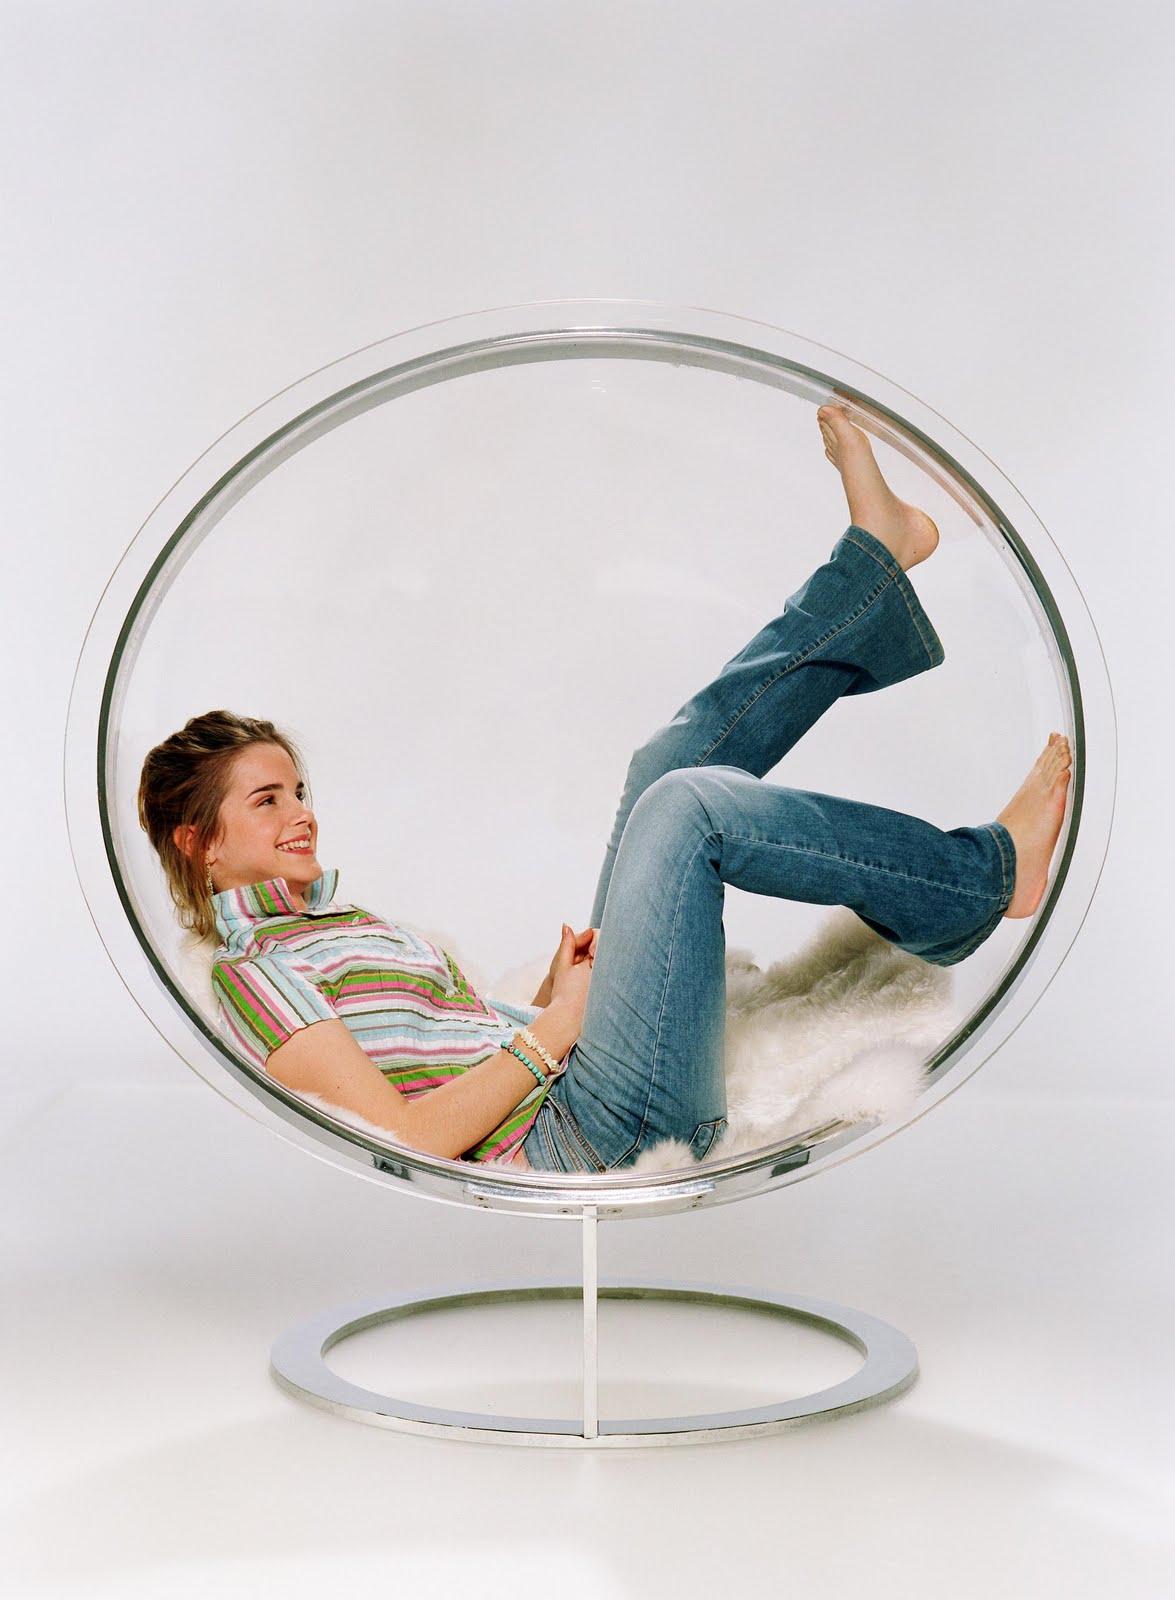 http://2.bp.blogspot.com/_UaLWp72nij4/S7w_DWxSIJI/AAAAAAAAGmo/q70o7QoY3R4/s1600/emma-watson-feet-2.jpg